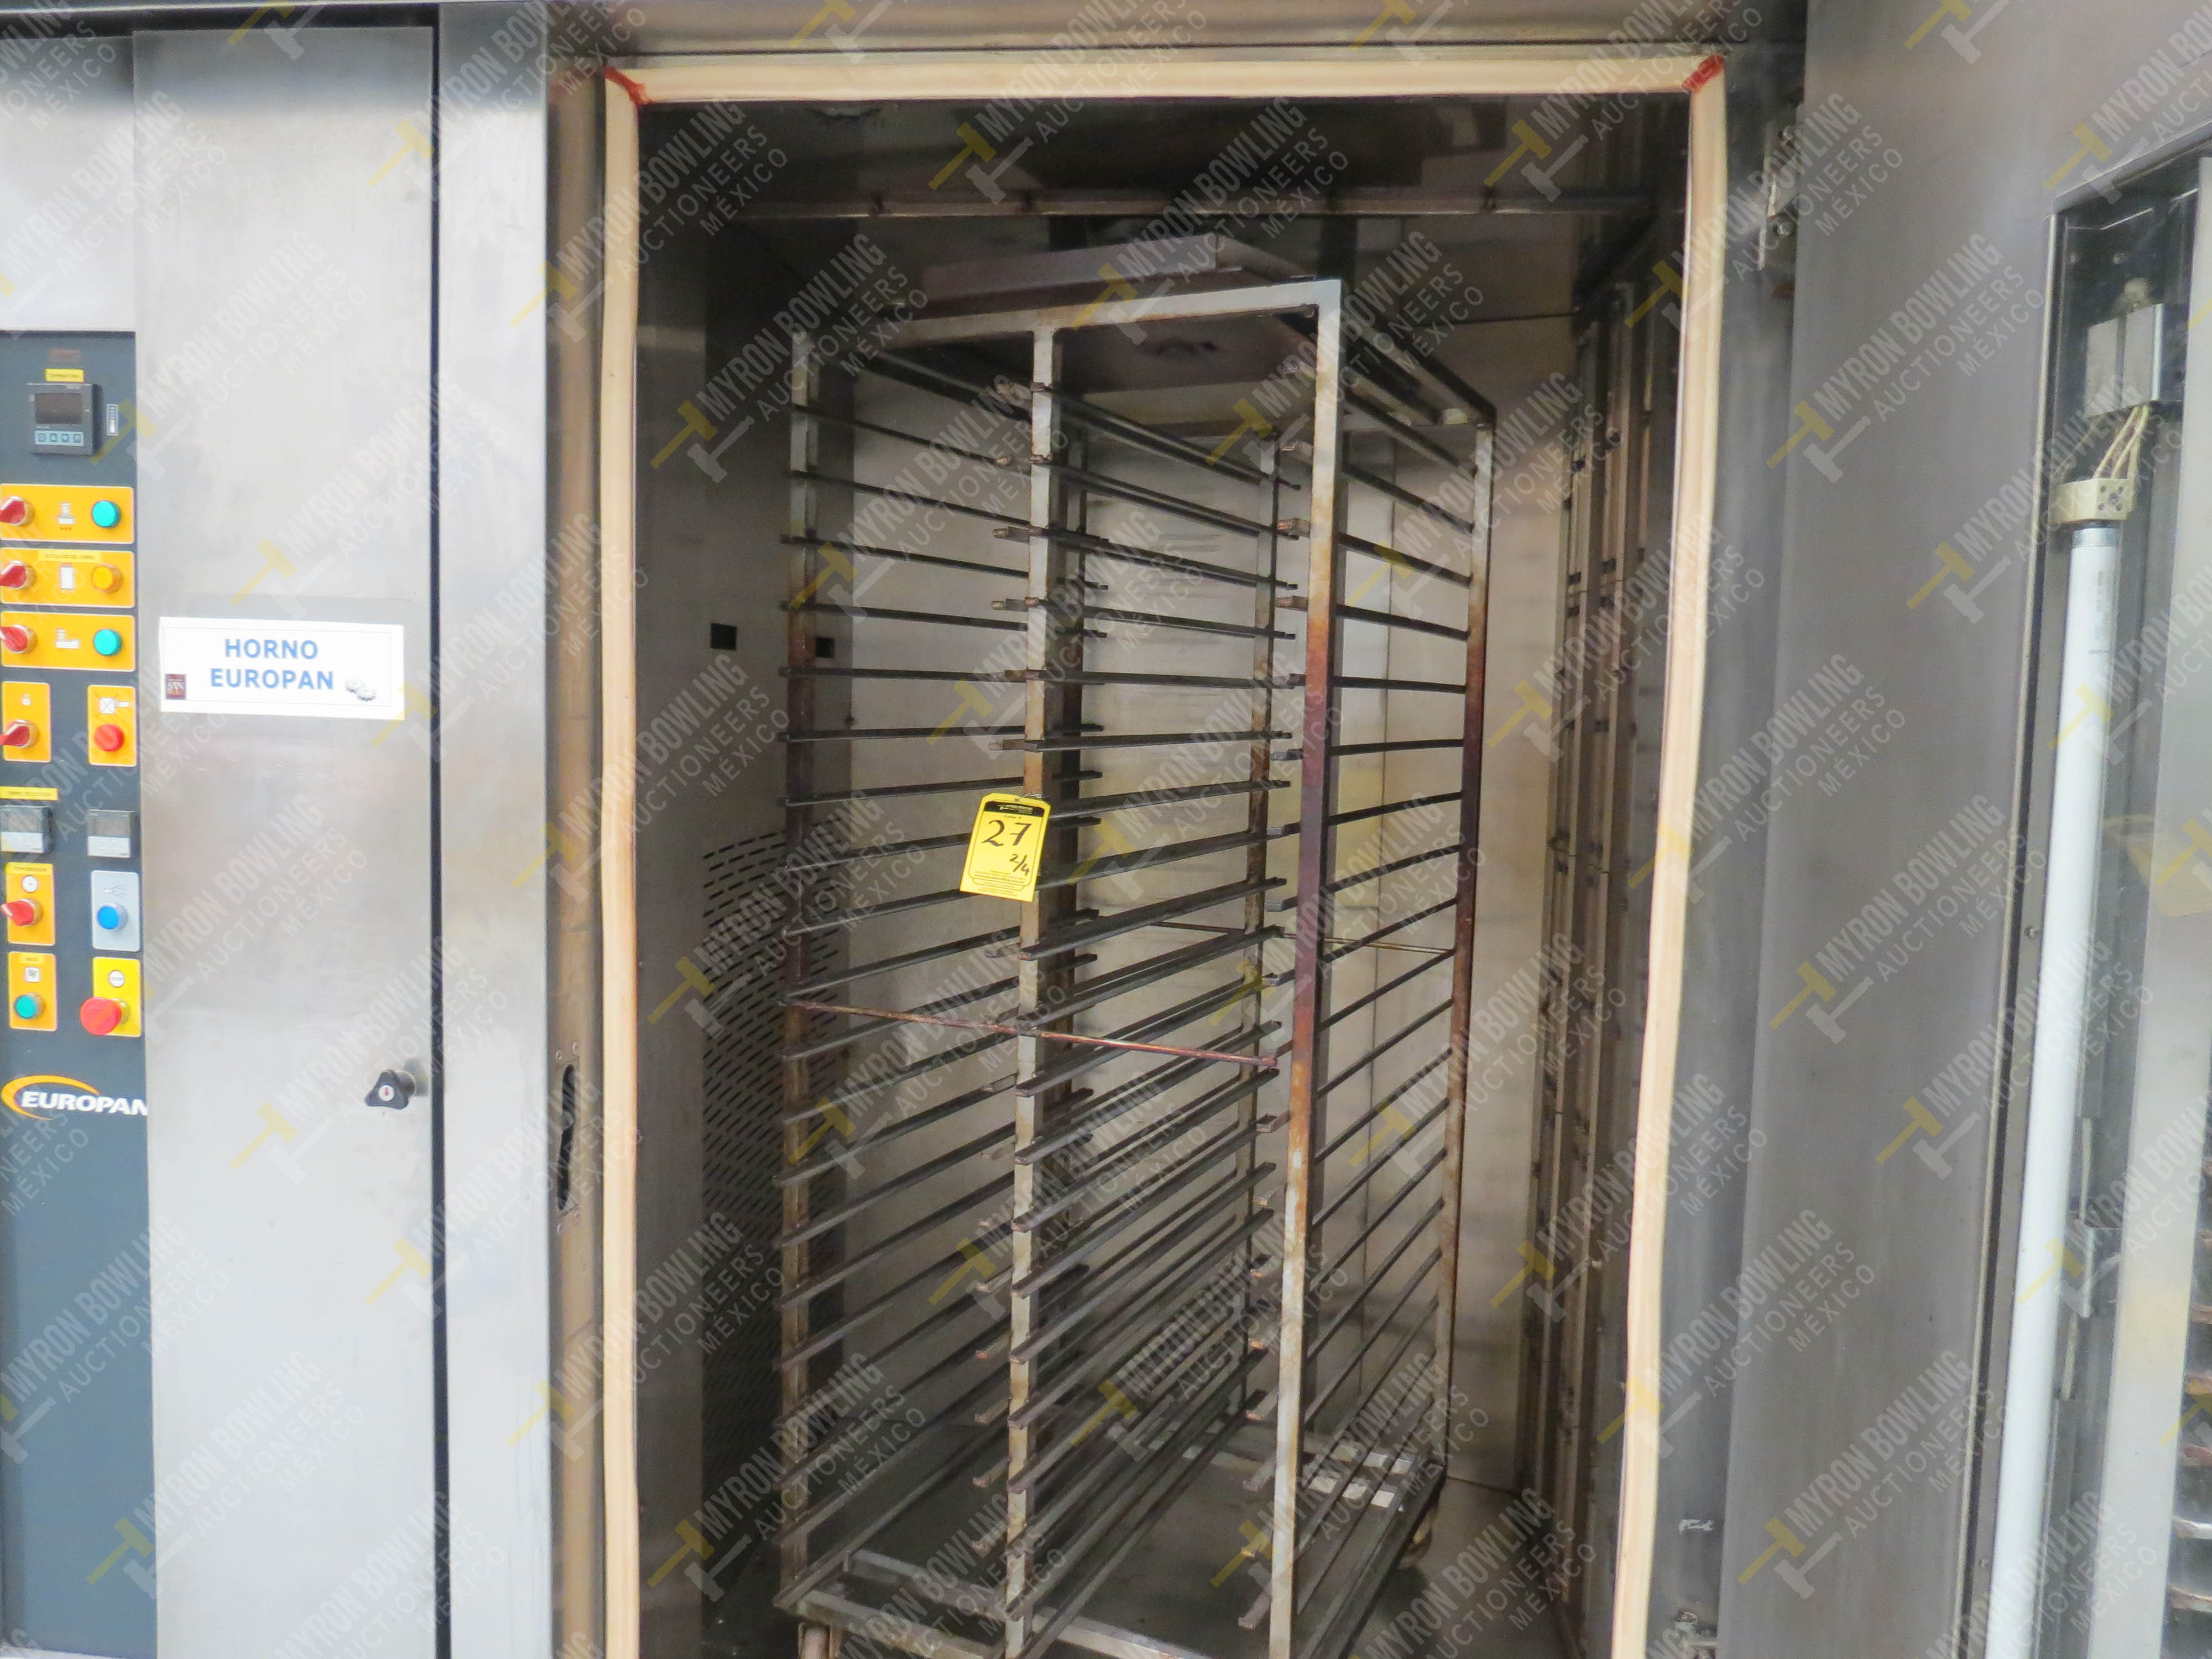 Horno giratorio a gas marca Europan, Modelo LFRN66X92, No. de Serie 6397, año 2007 ... - Image 9 of 13